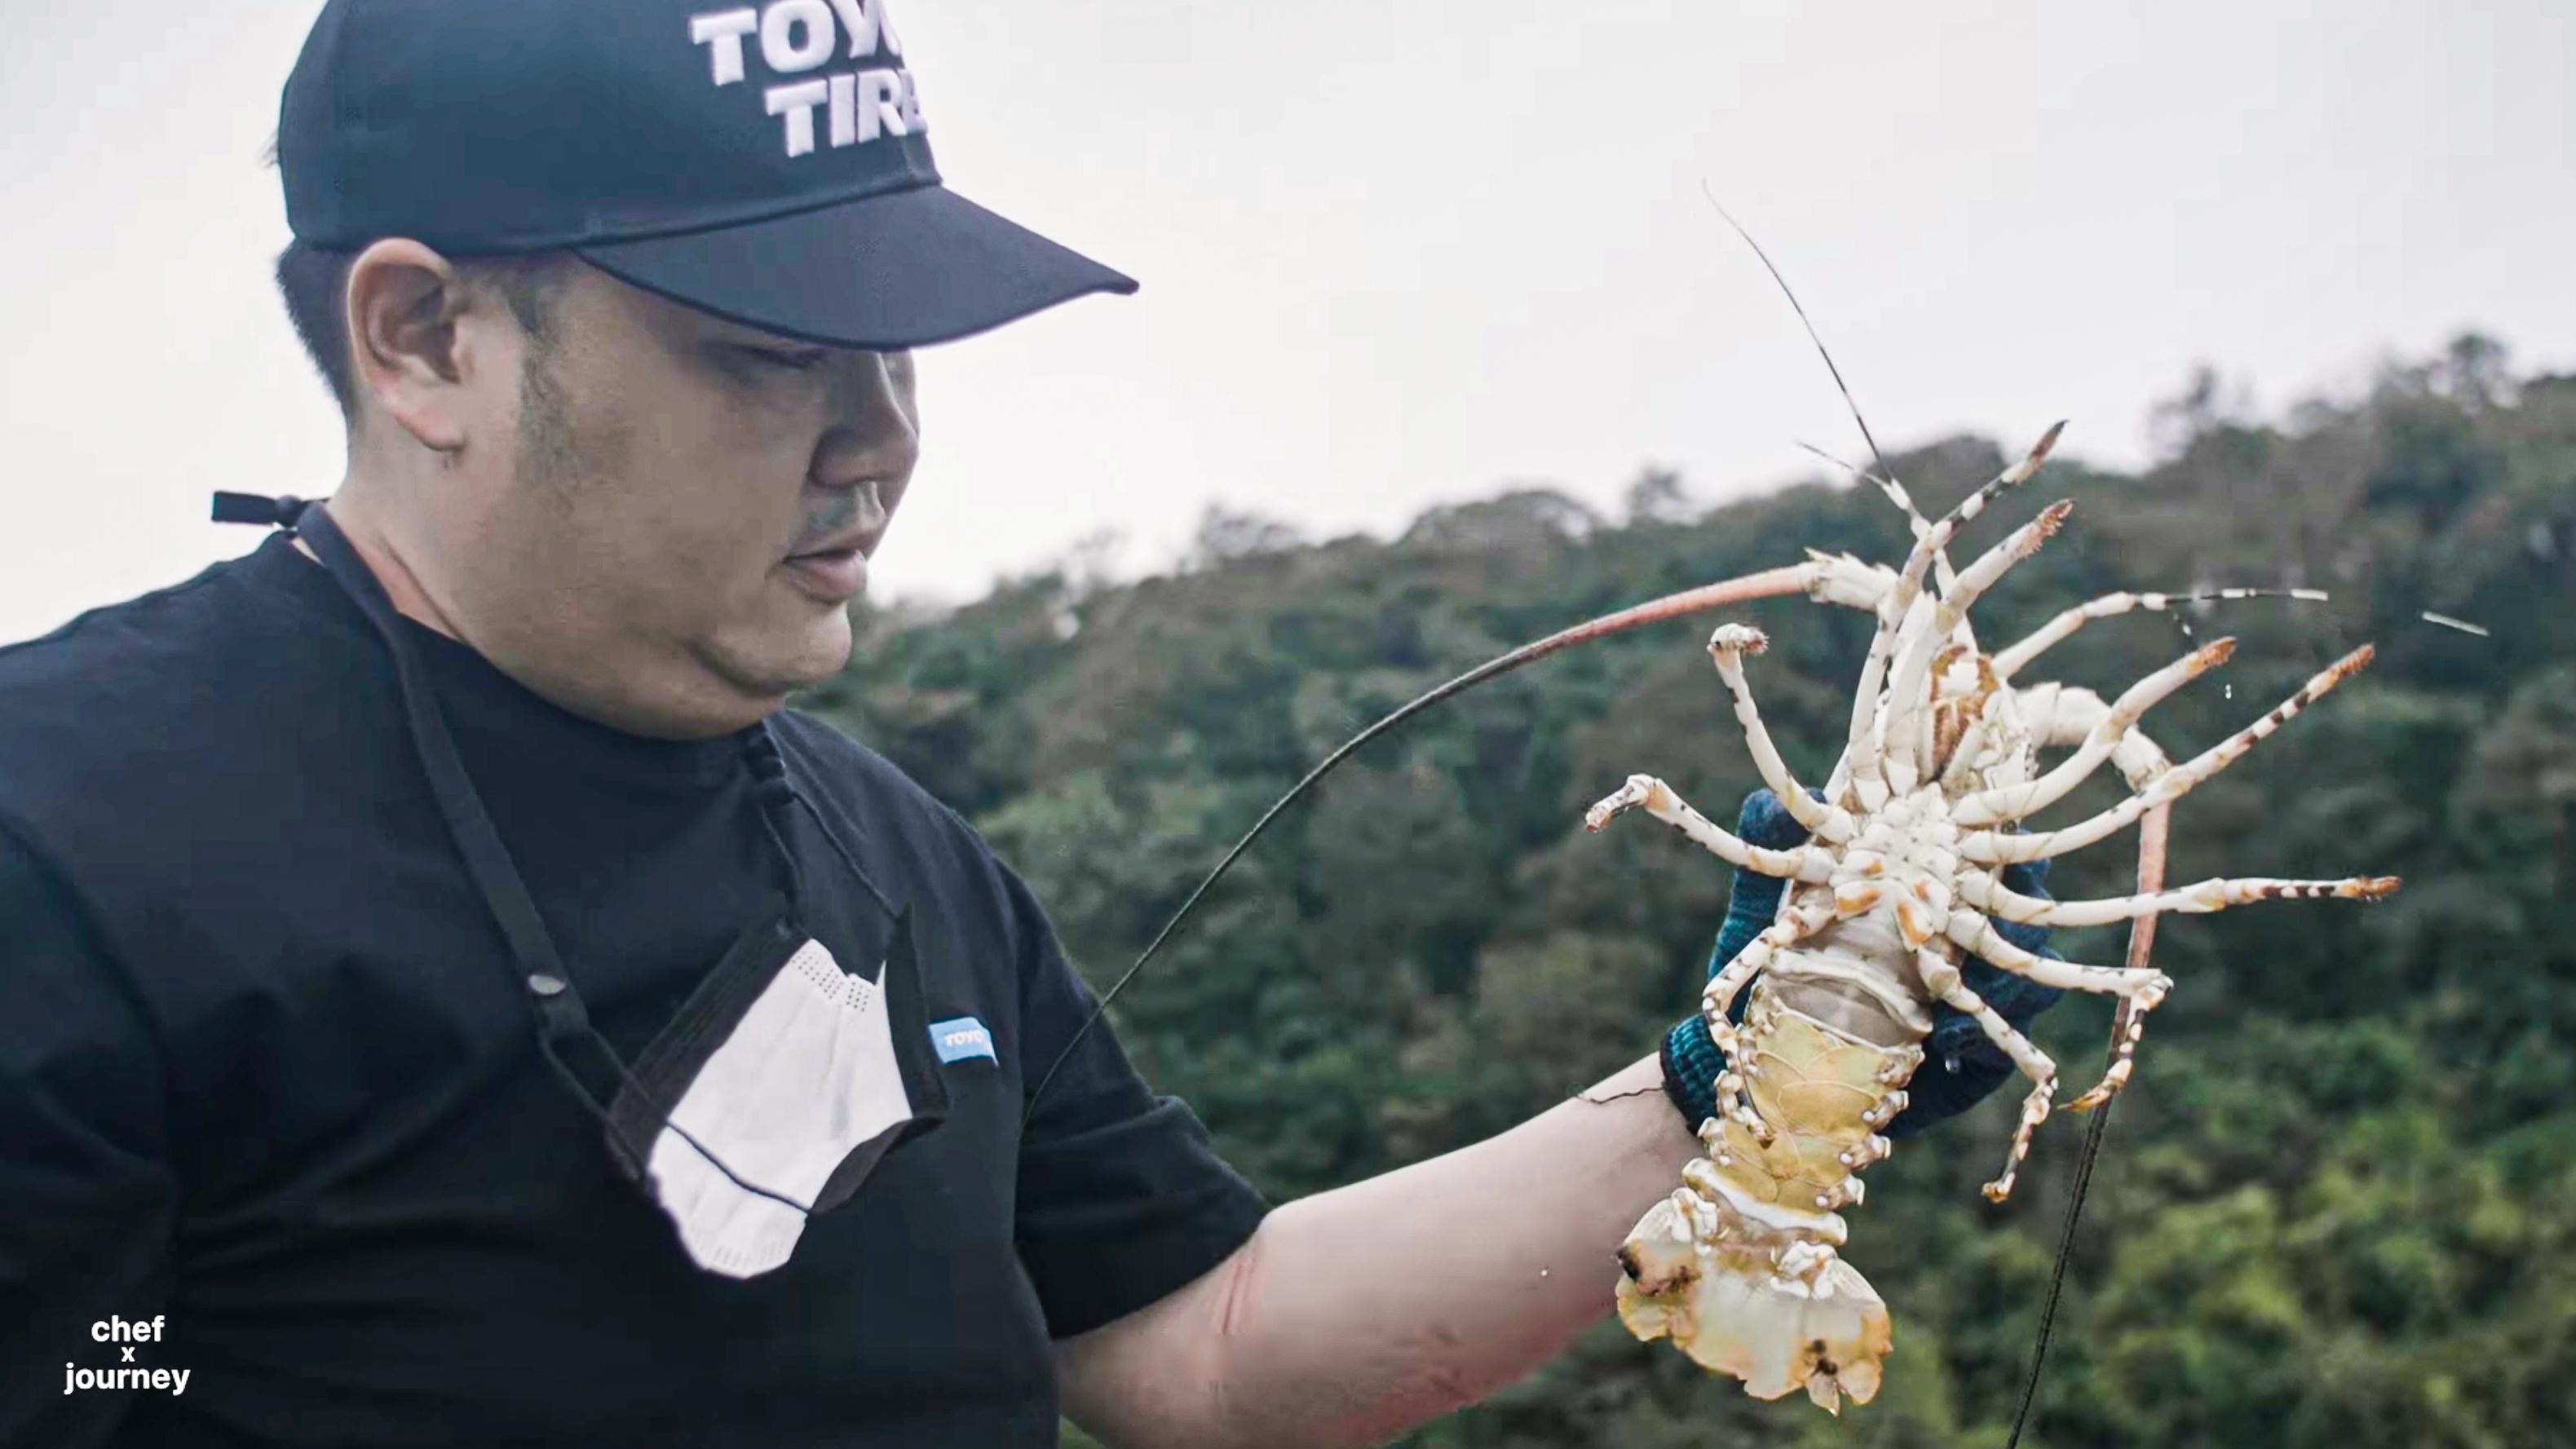 """""""TOYO TIRES จับมือ เชฟโอ"""" ลุยสร้างคอนเทนต์ท่องเที่ยว พร้อมครีเอทเมนูท้องถิ่นยกระดับชุมชน ผ่านรายการ Chef X Journey by TOYO TIRES"""